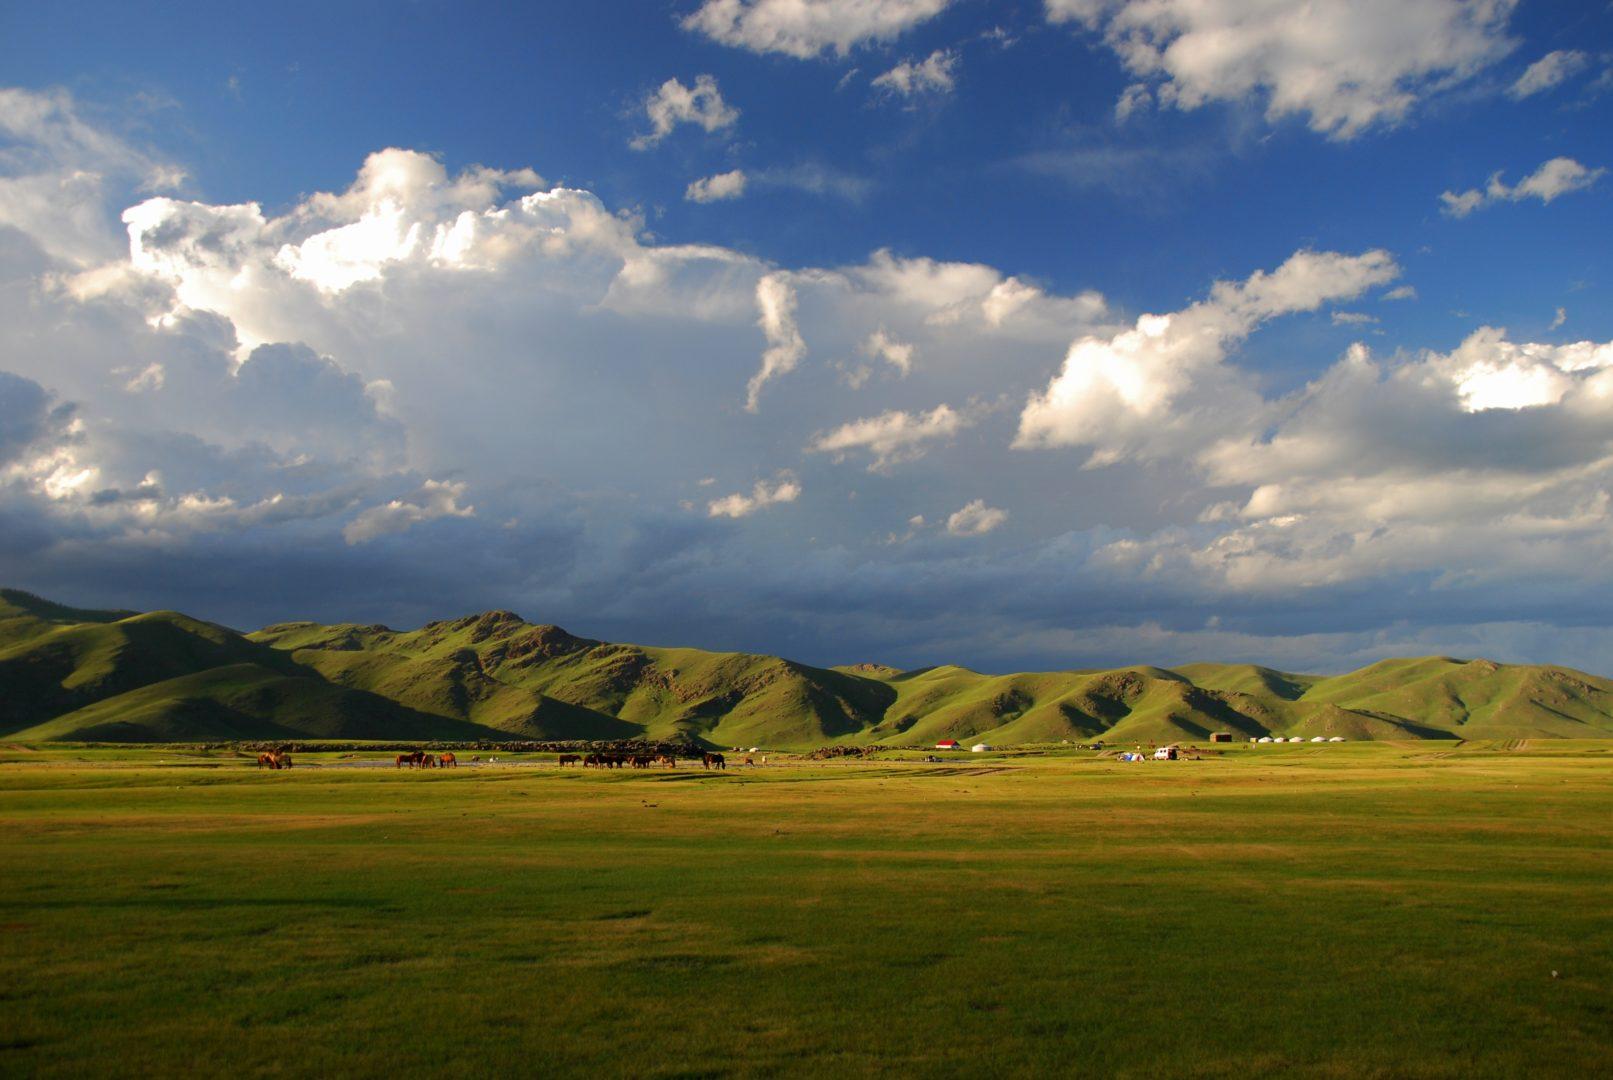 Mongolei-Reise: Zentralmongolei, Steppe